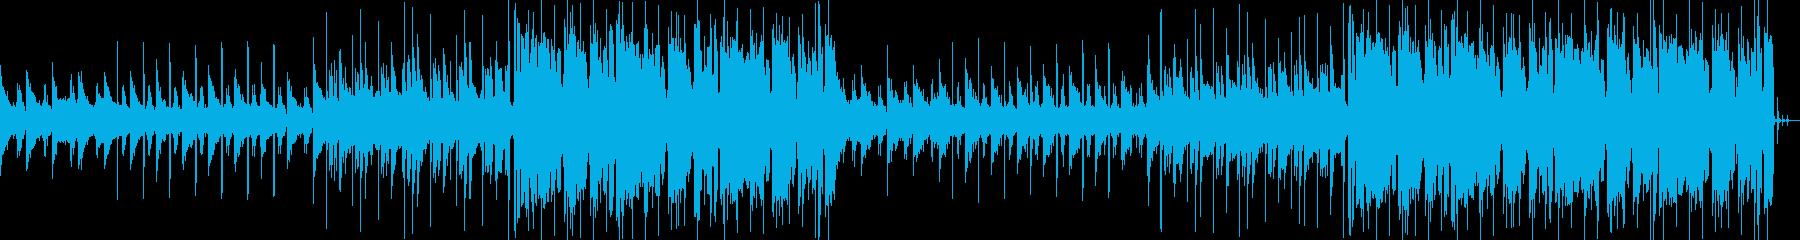 ポップ テクノ フューチャ ベース...の再生済みの波形